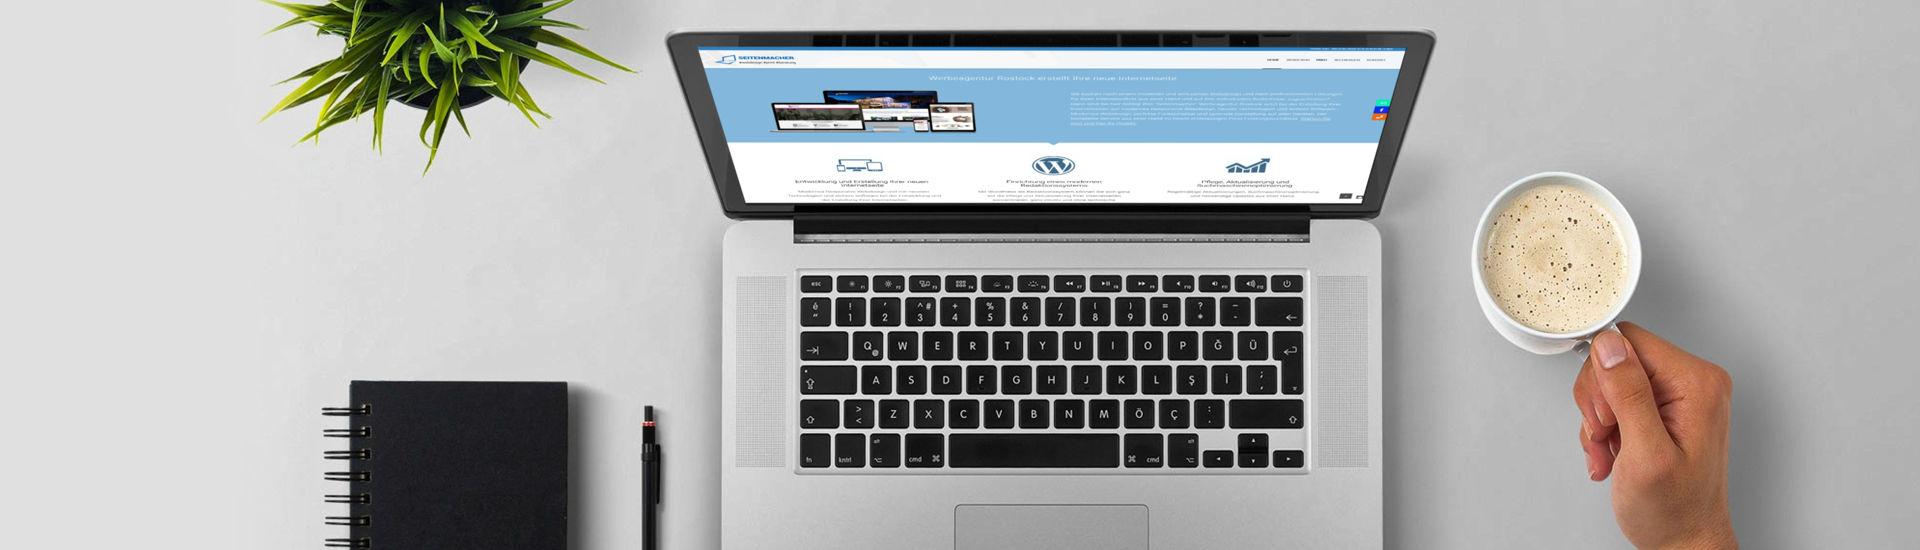 Seit über 20 Jahren sind wir Ihre Ihre Werbeagentur in Rostock und Ihr Partner wenn es um die die besten Lösungen für Ihren Online- und Printauftritt geht.